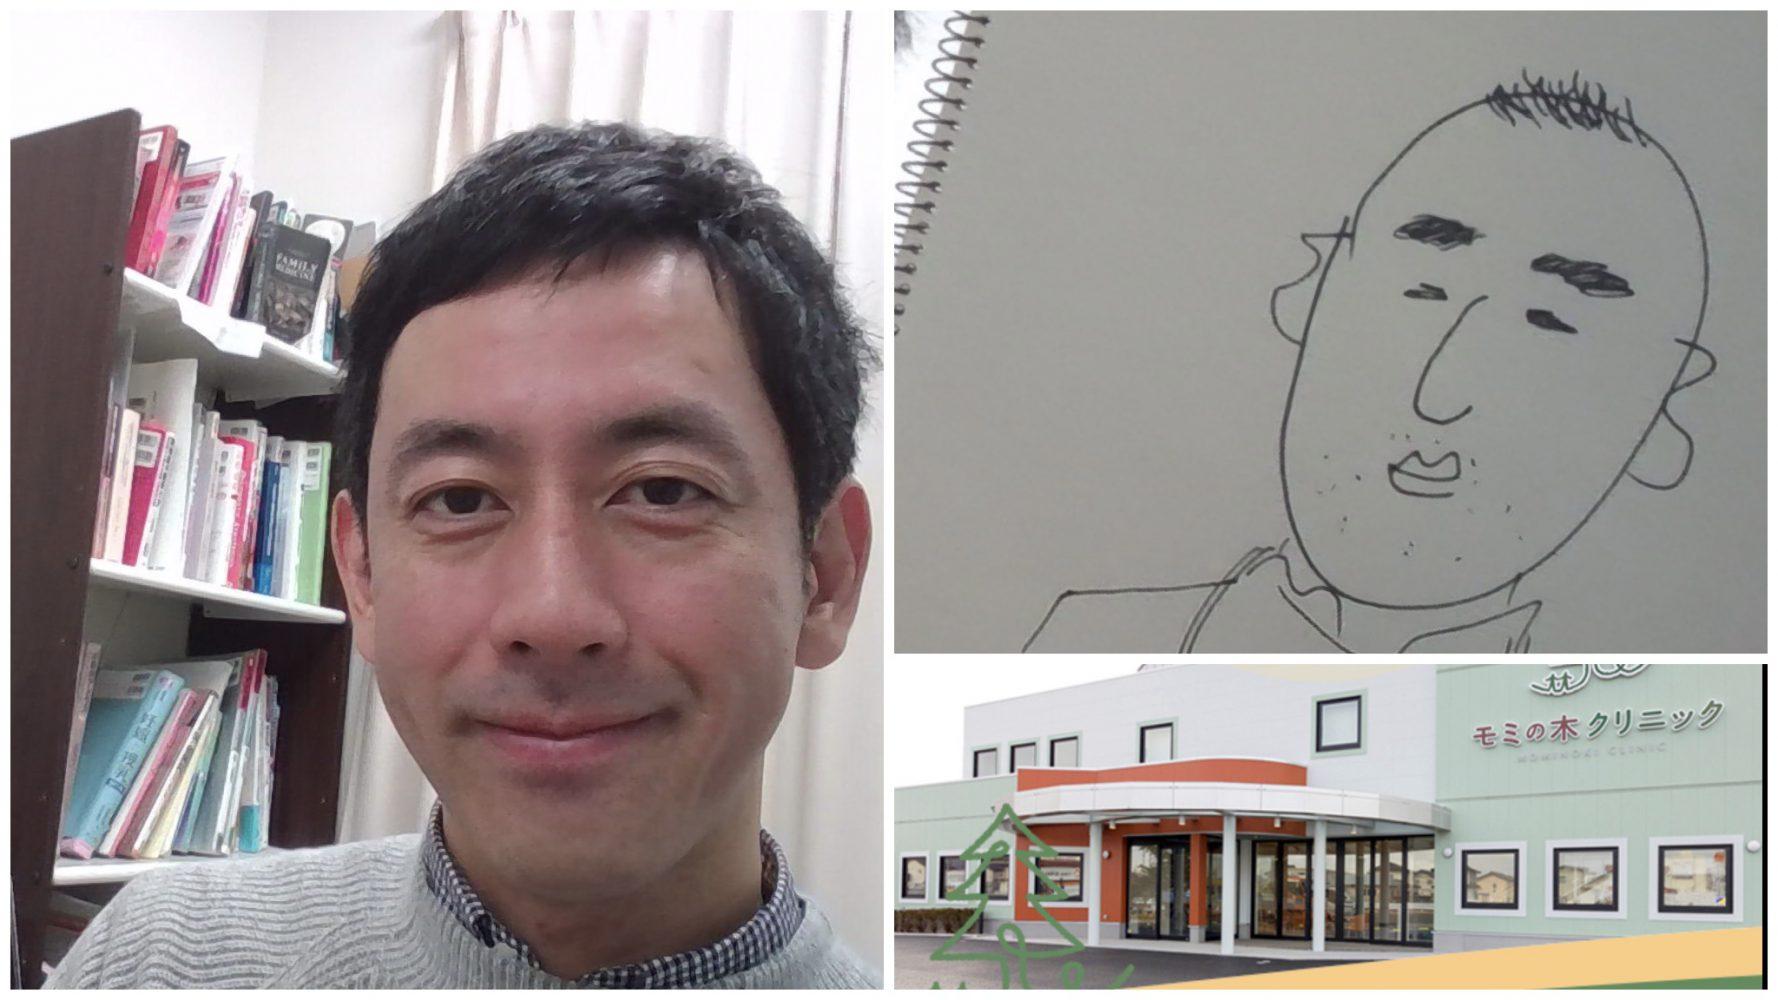 福井 謙さん